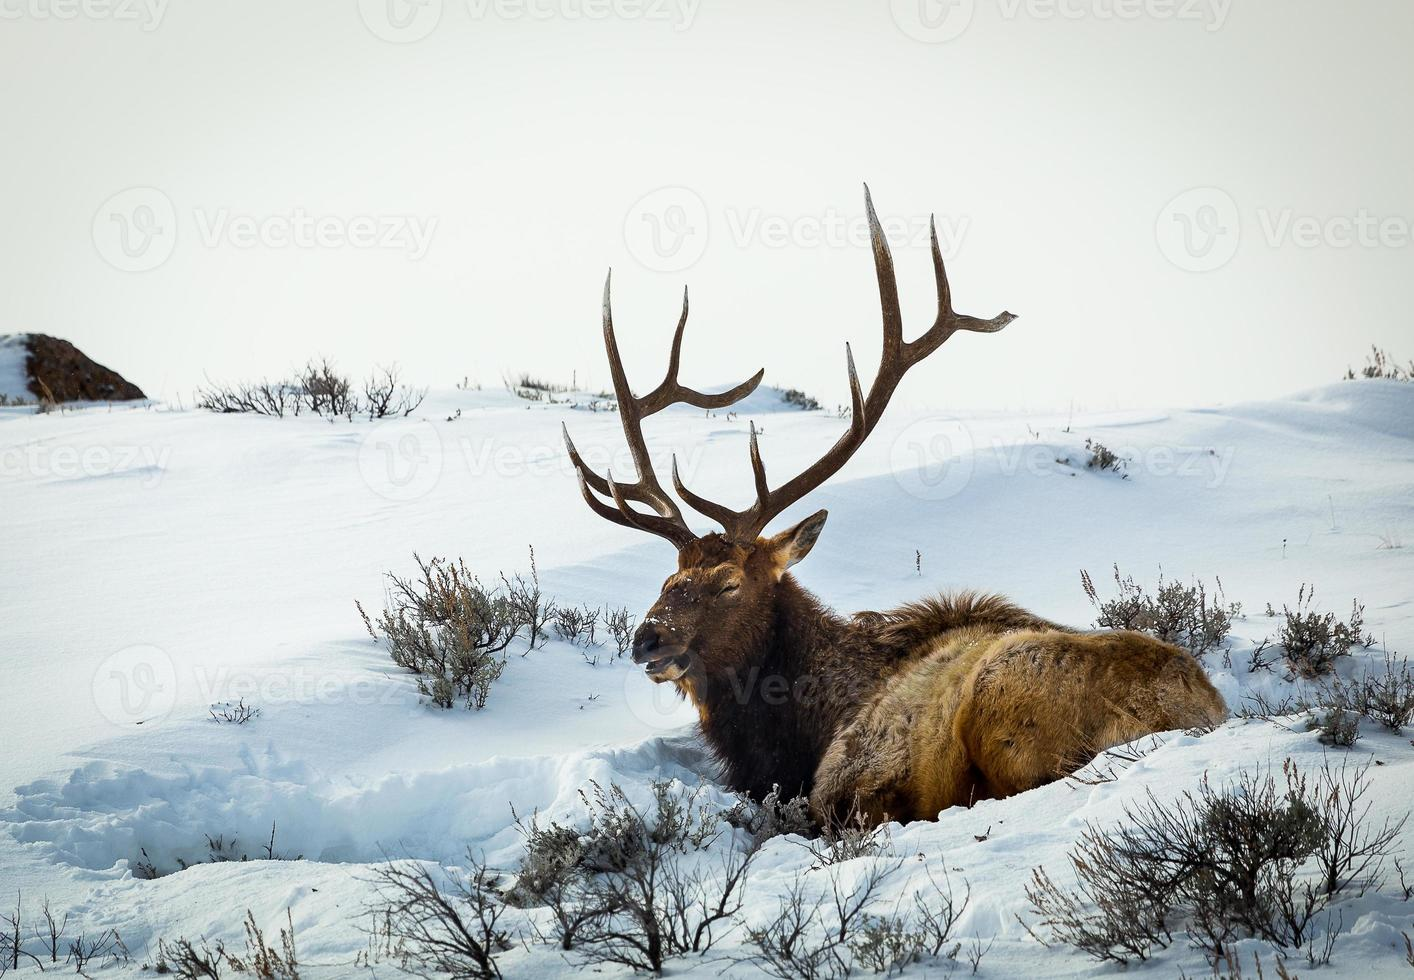 ein felsiger Bergelch, der an einem Wintertag im Schnee liegt foto